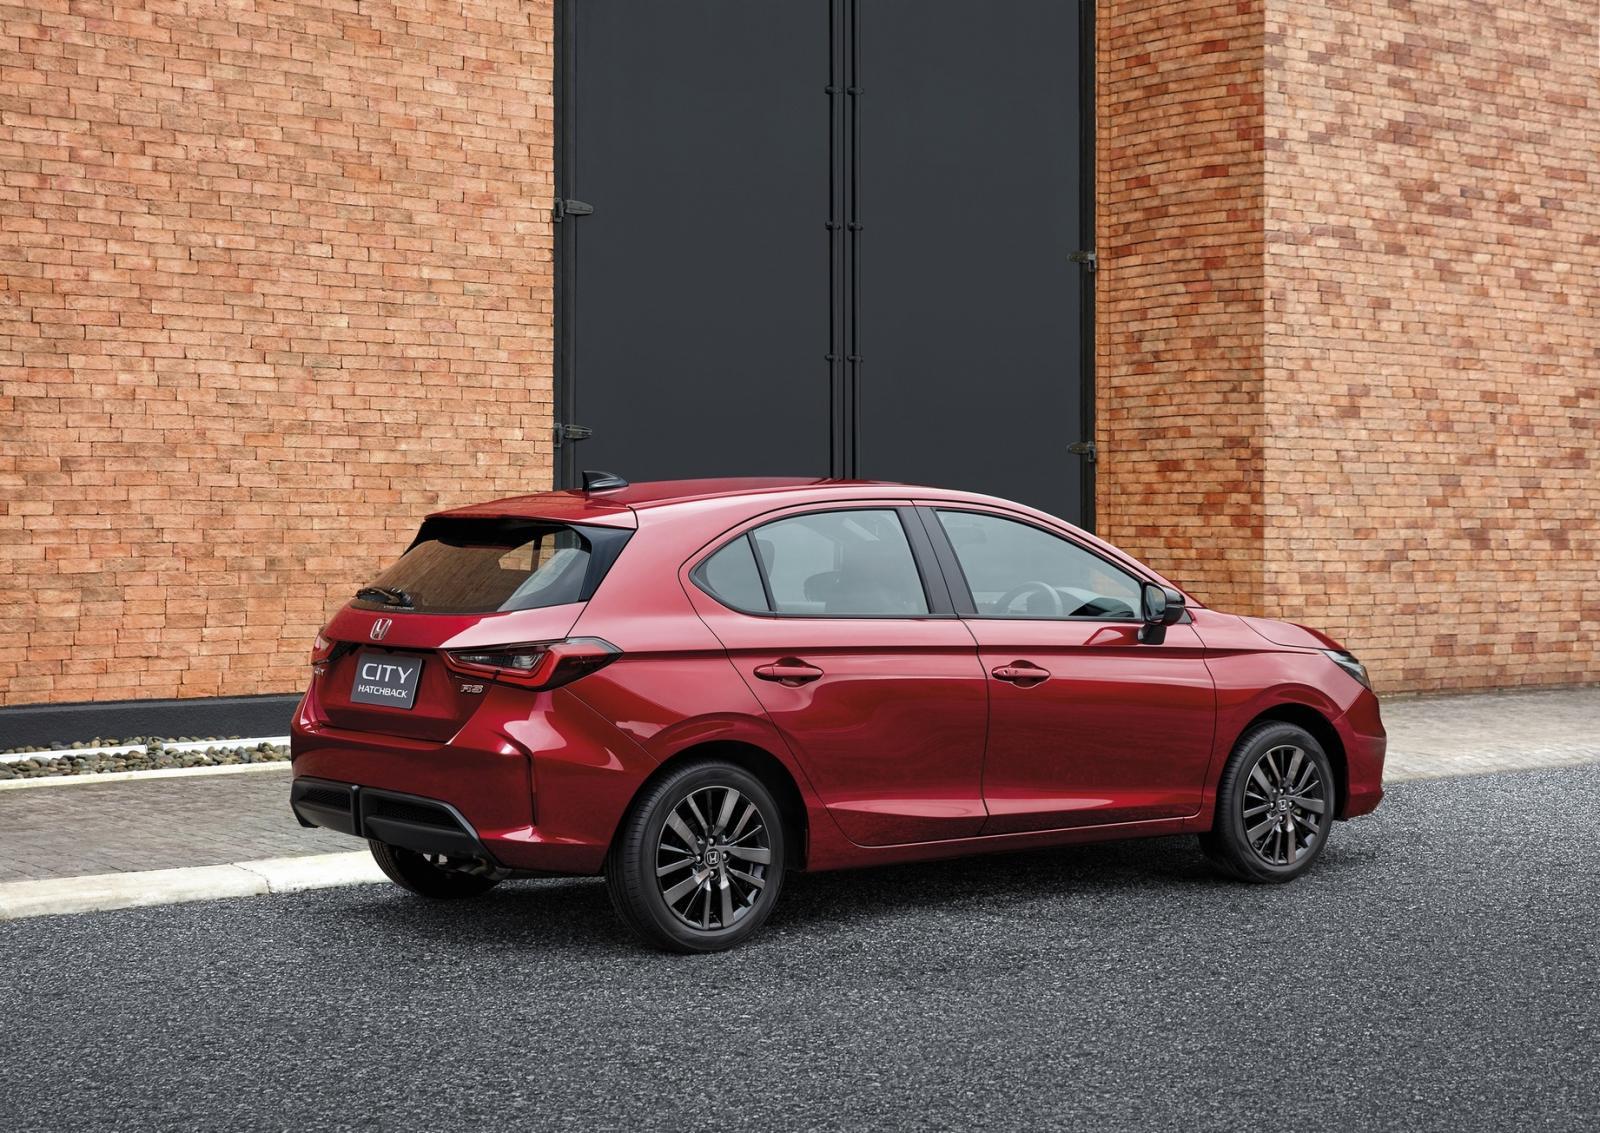 ราคาและตารางผ่อน ดาวน์ Honda City Hatchback 2021